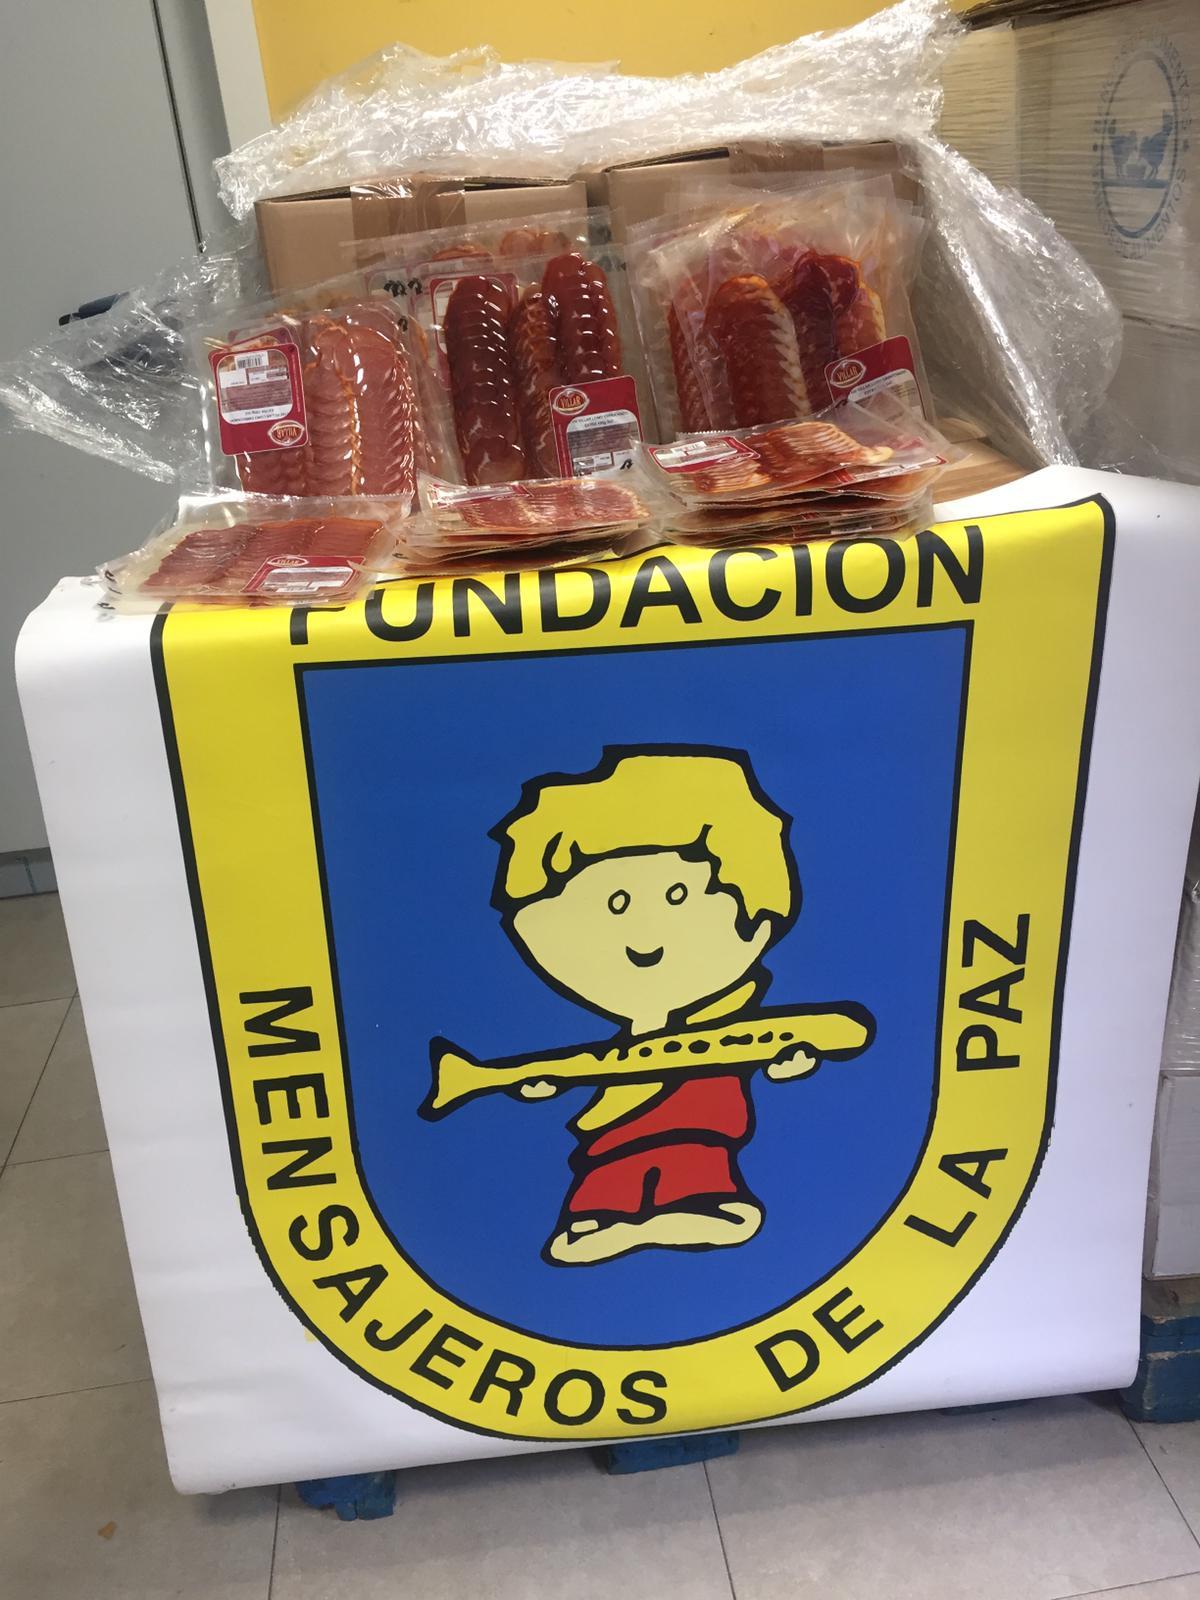 Industrias Cárnicas Villar ha donado 3000 paquetes de lomo a la Fundación Mensajeros de la Paz